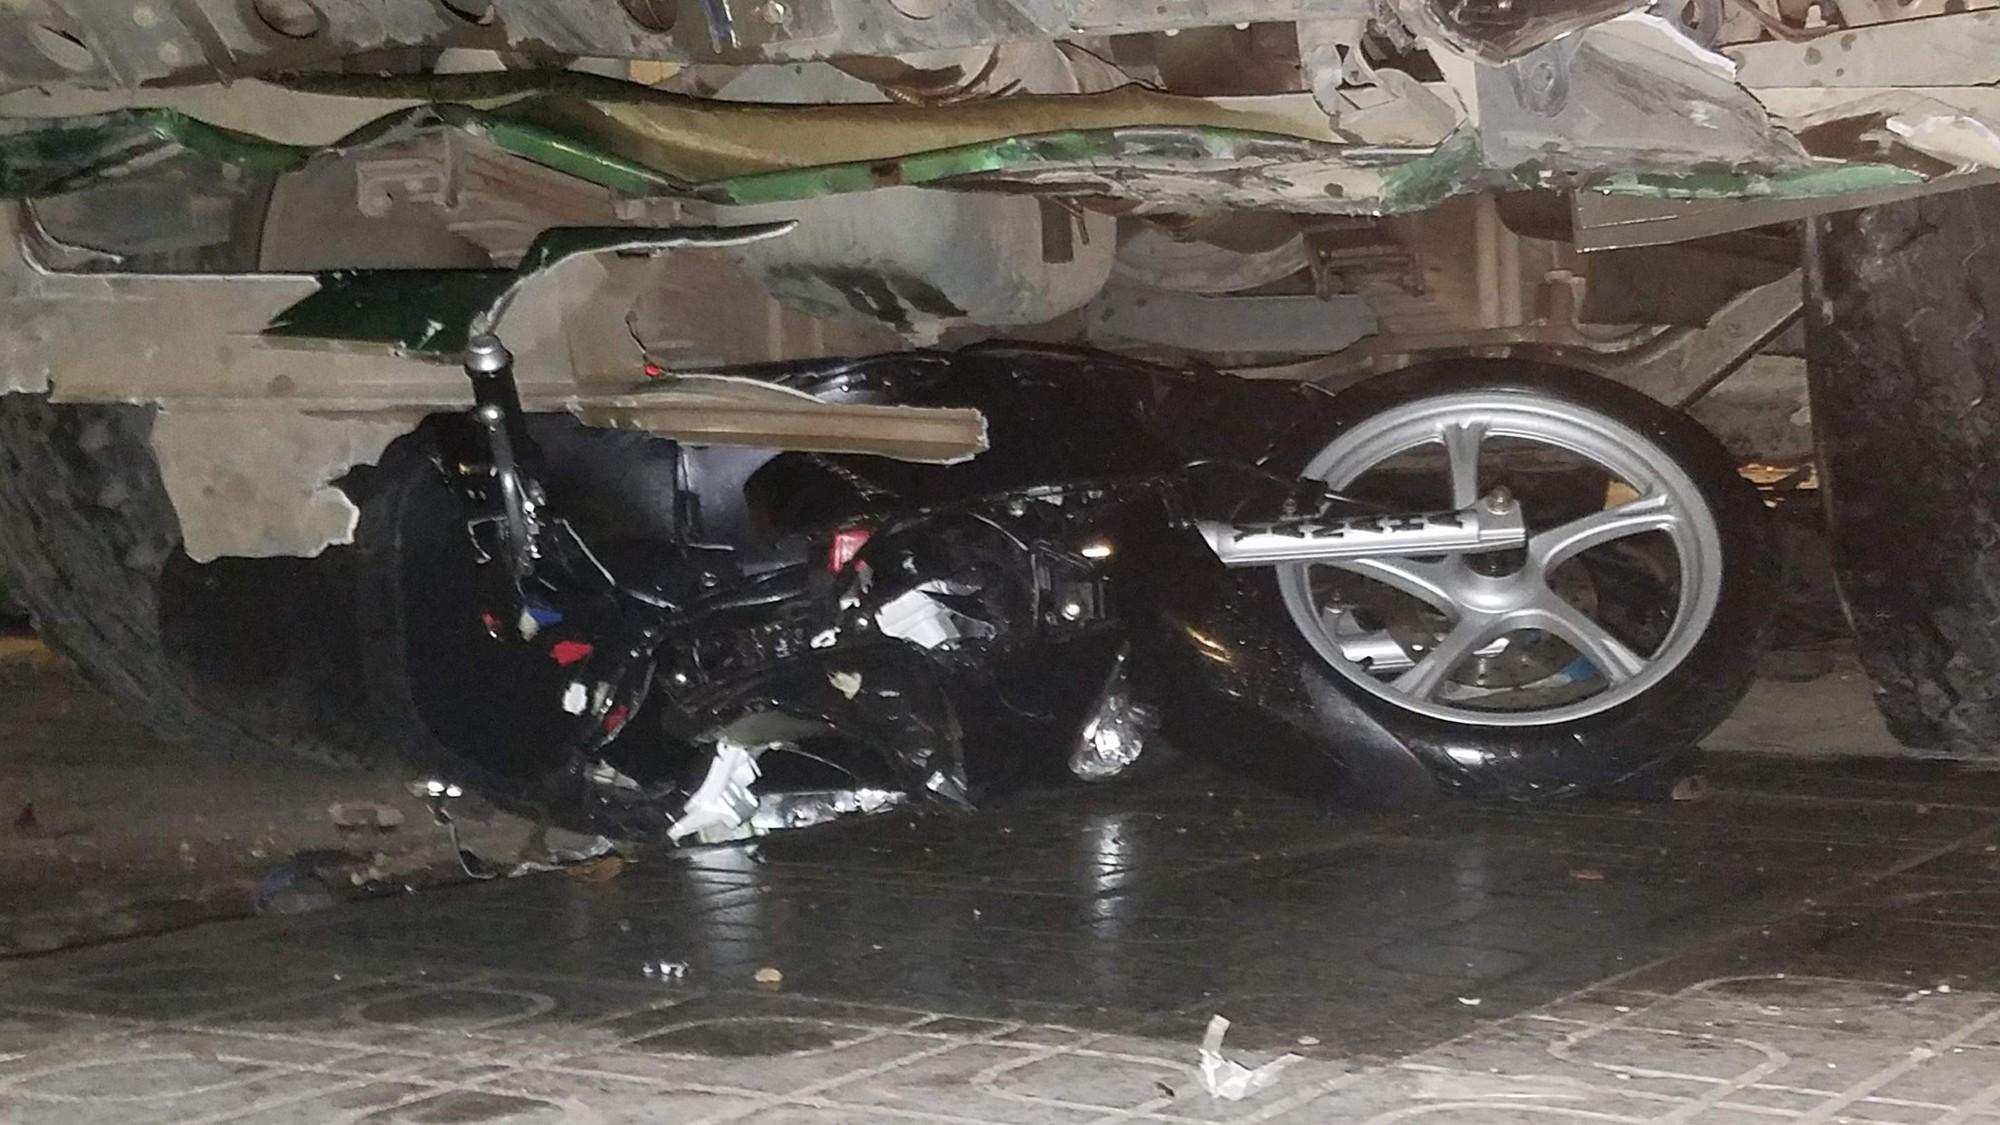 Một chiếc xe máy bị cuốn vào gầm xe, biến dạng